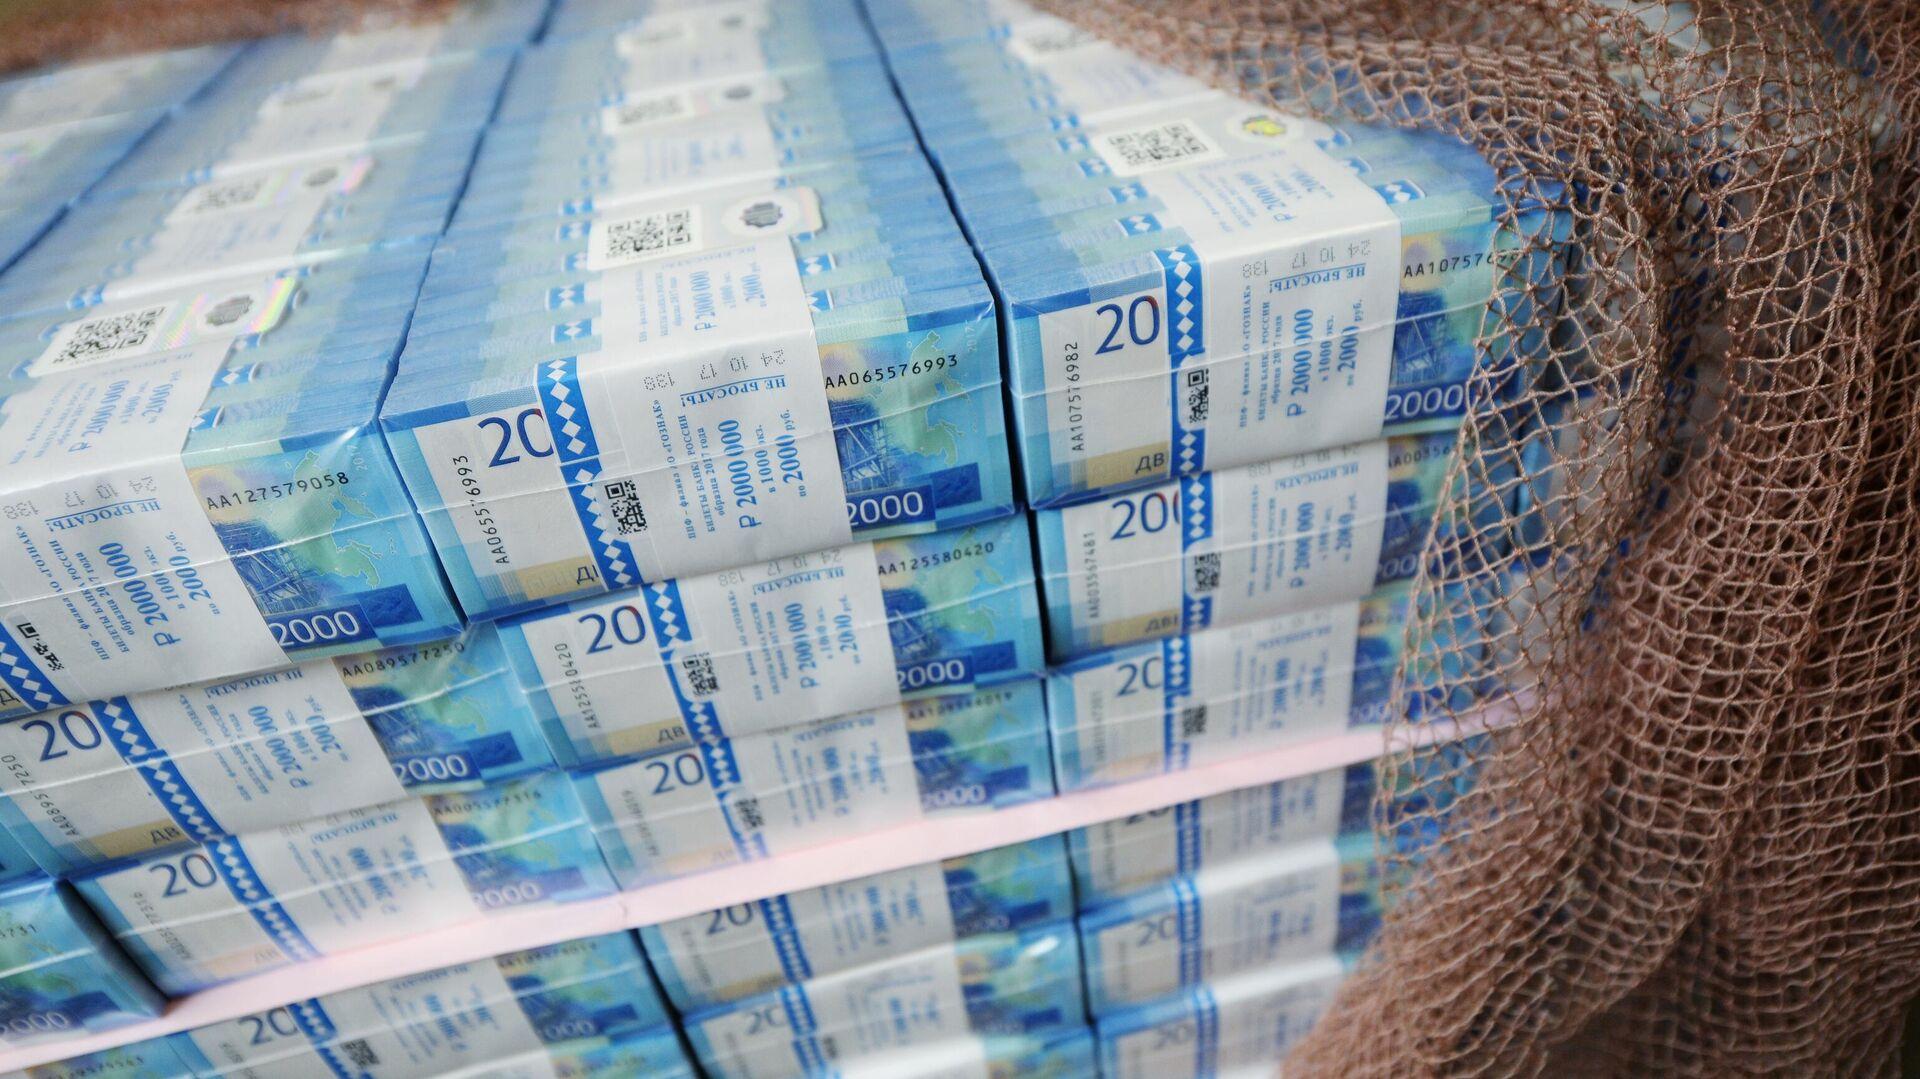 Пачки с денежными купюрами номиналом 2000 рублей - РИА Новости, 1920, 27.01.2021